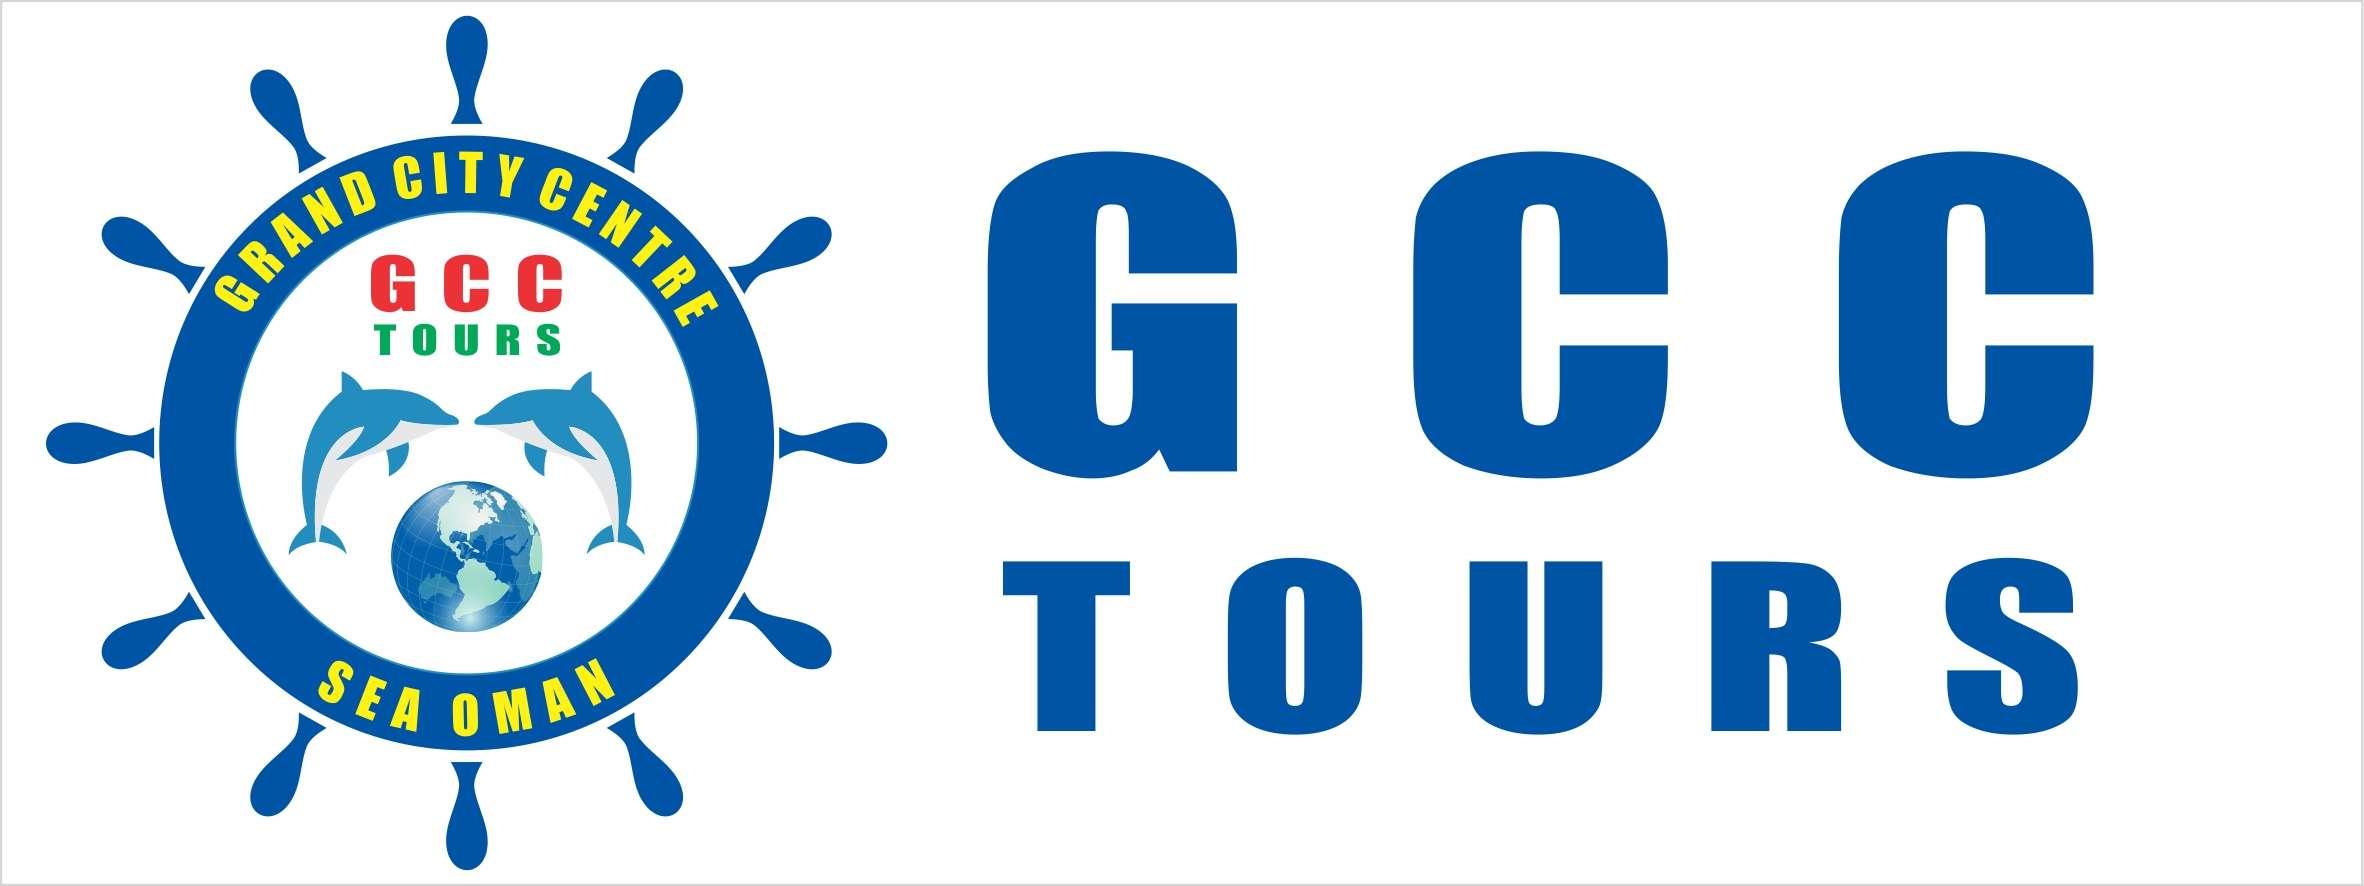 GCC Tours Muscat Oman